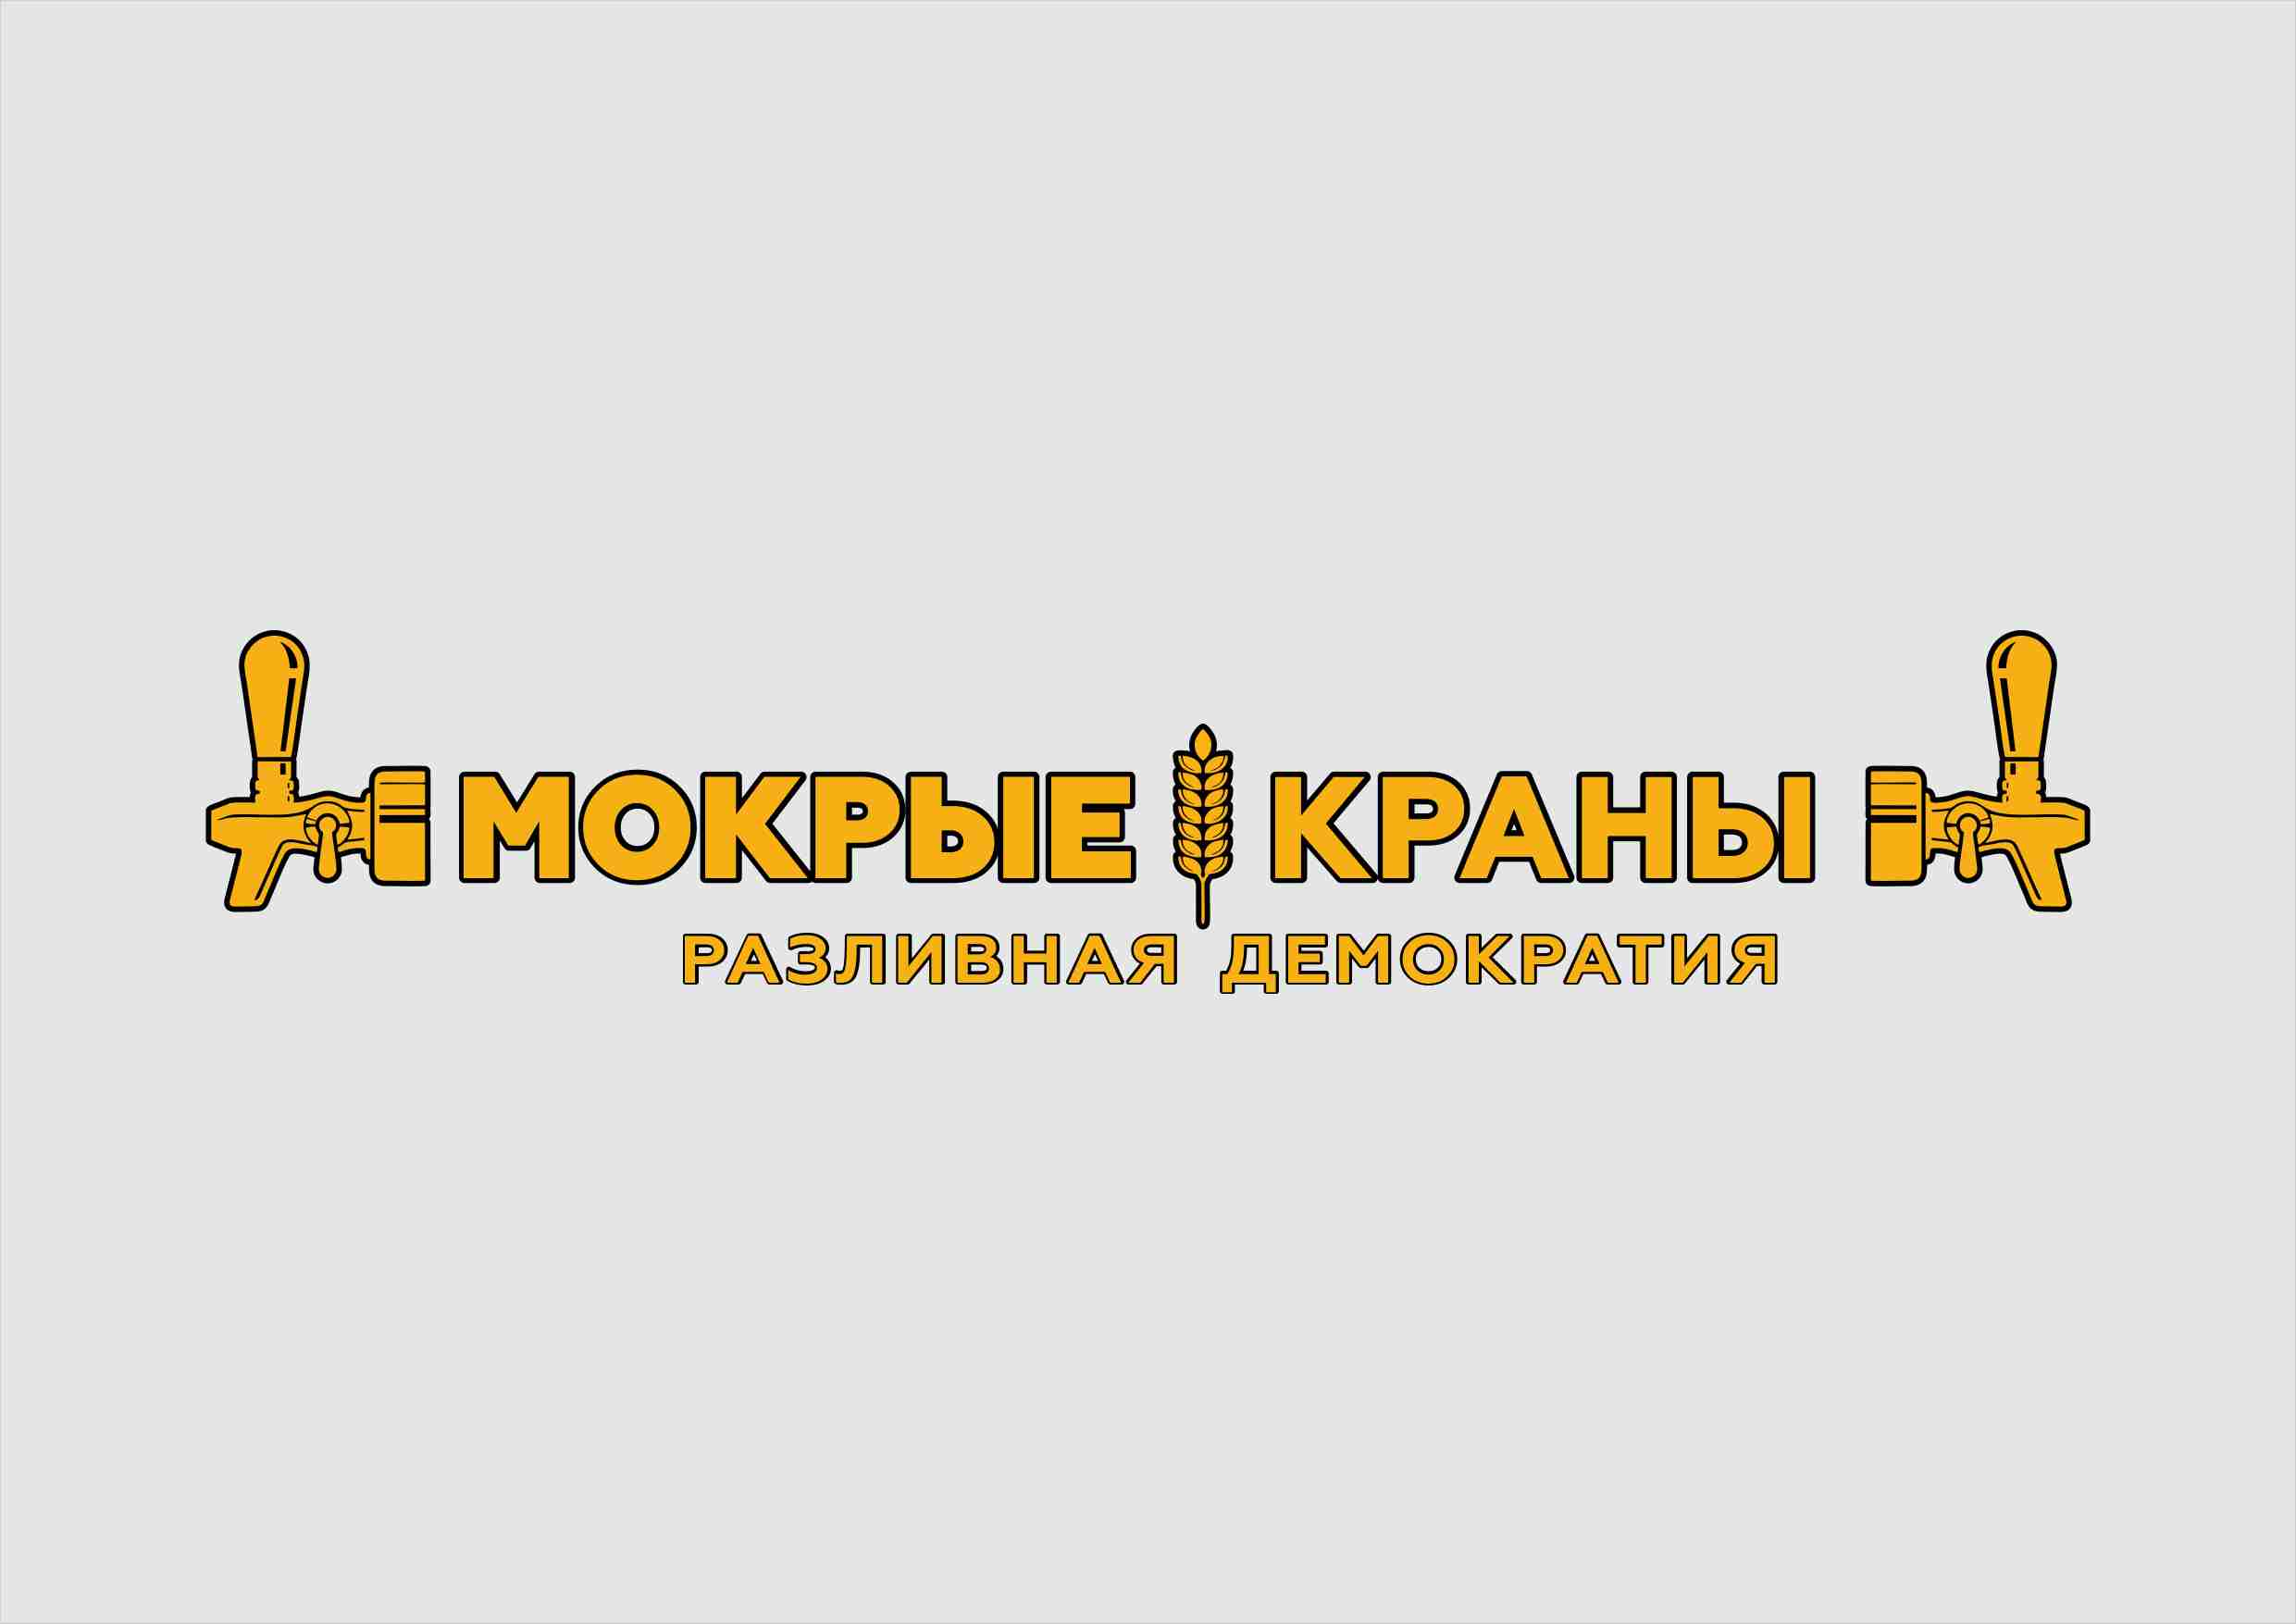 Вывеска/логотип для пивного магазина фото f_907602060767d21c.jpg